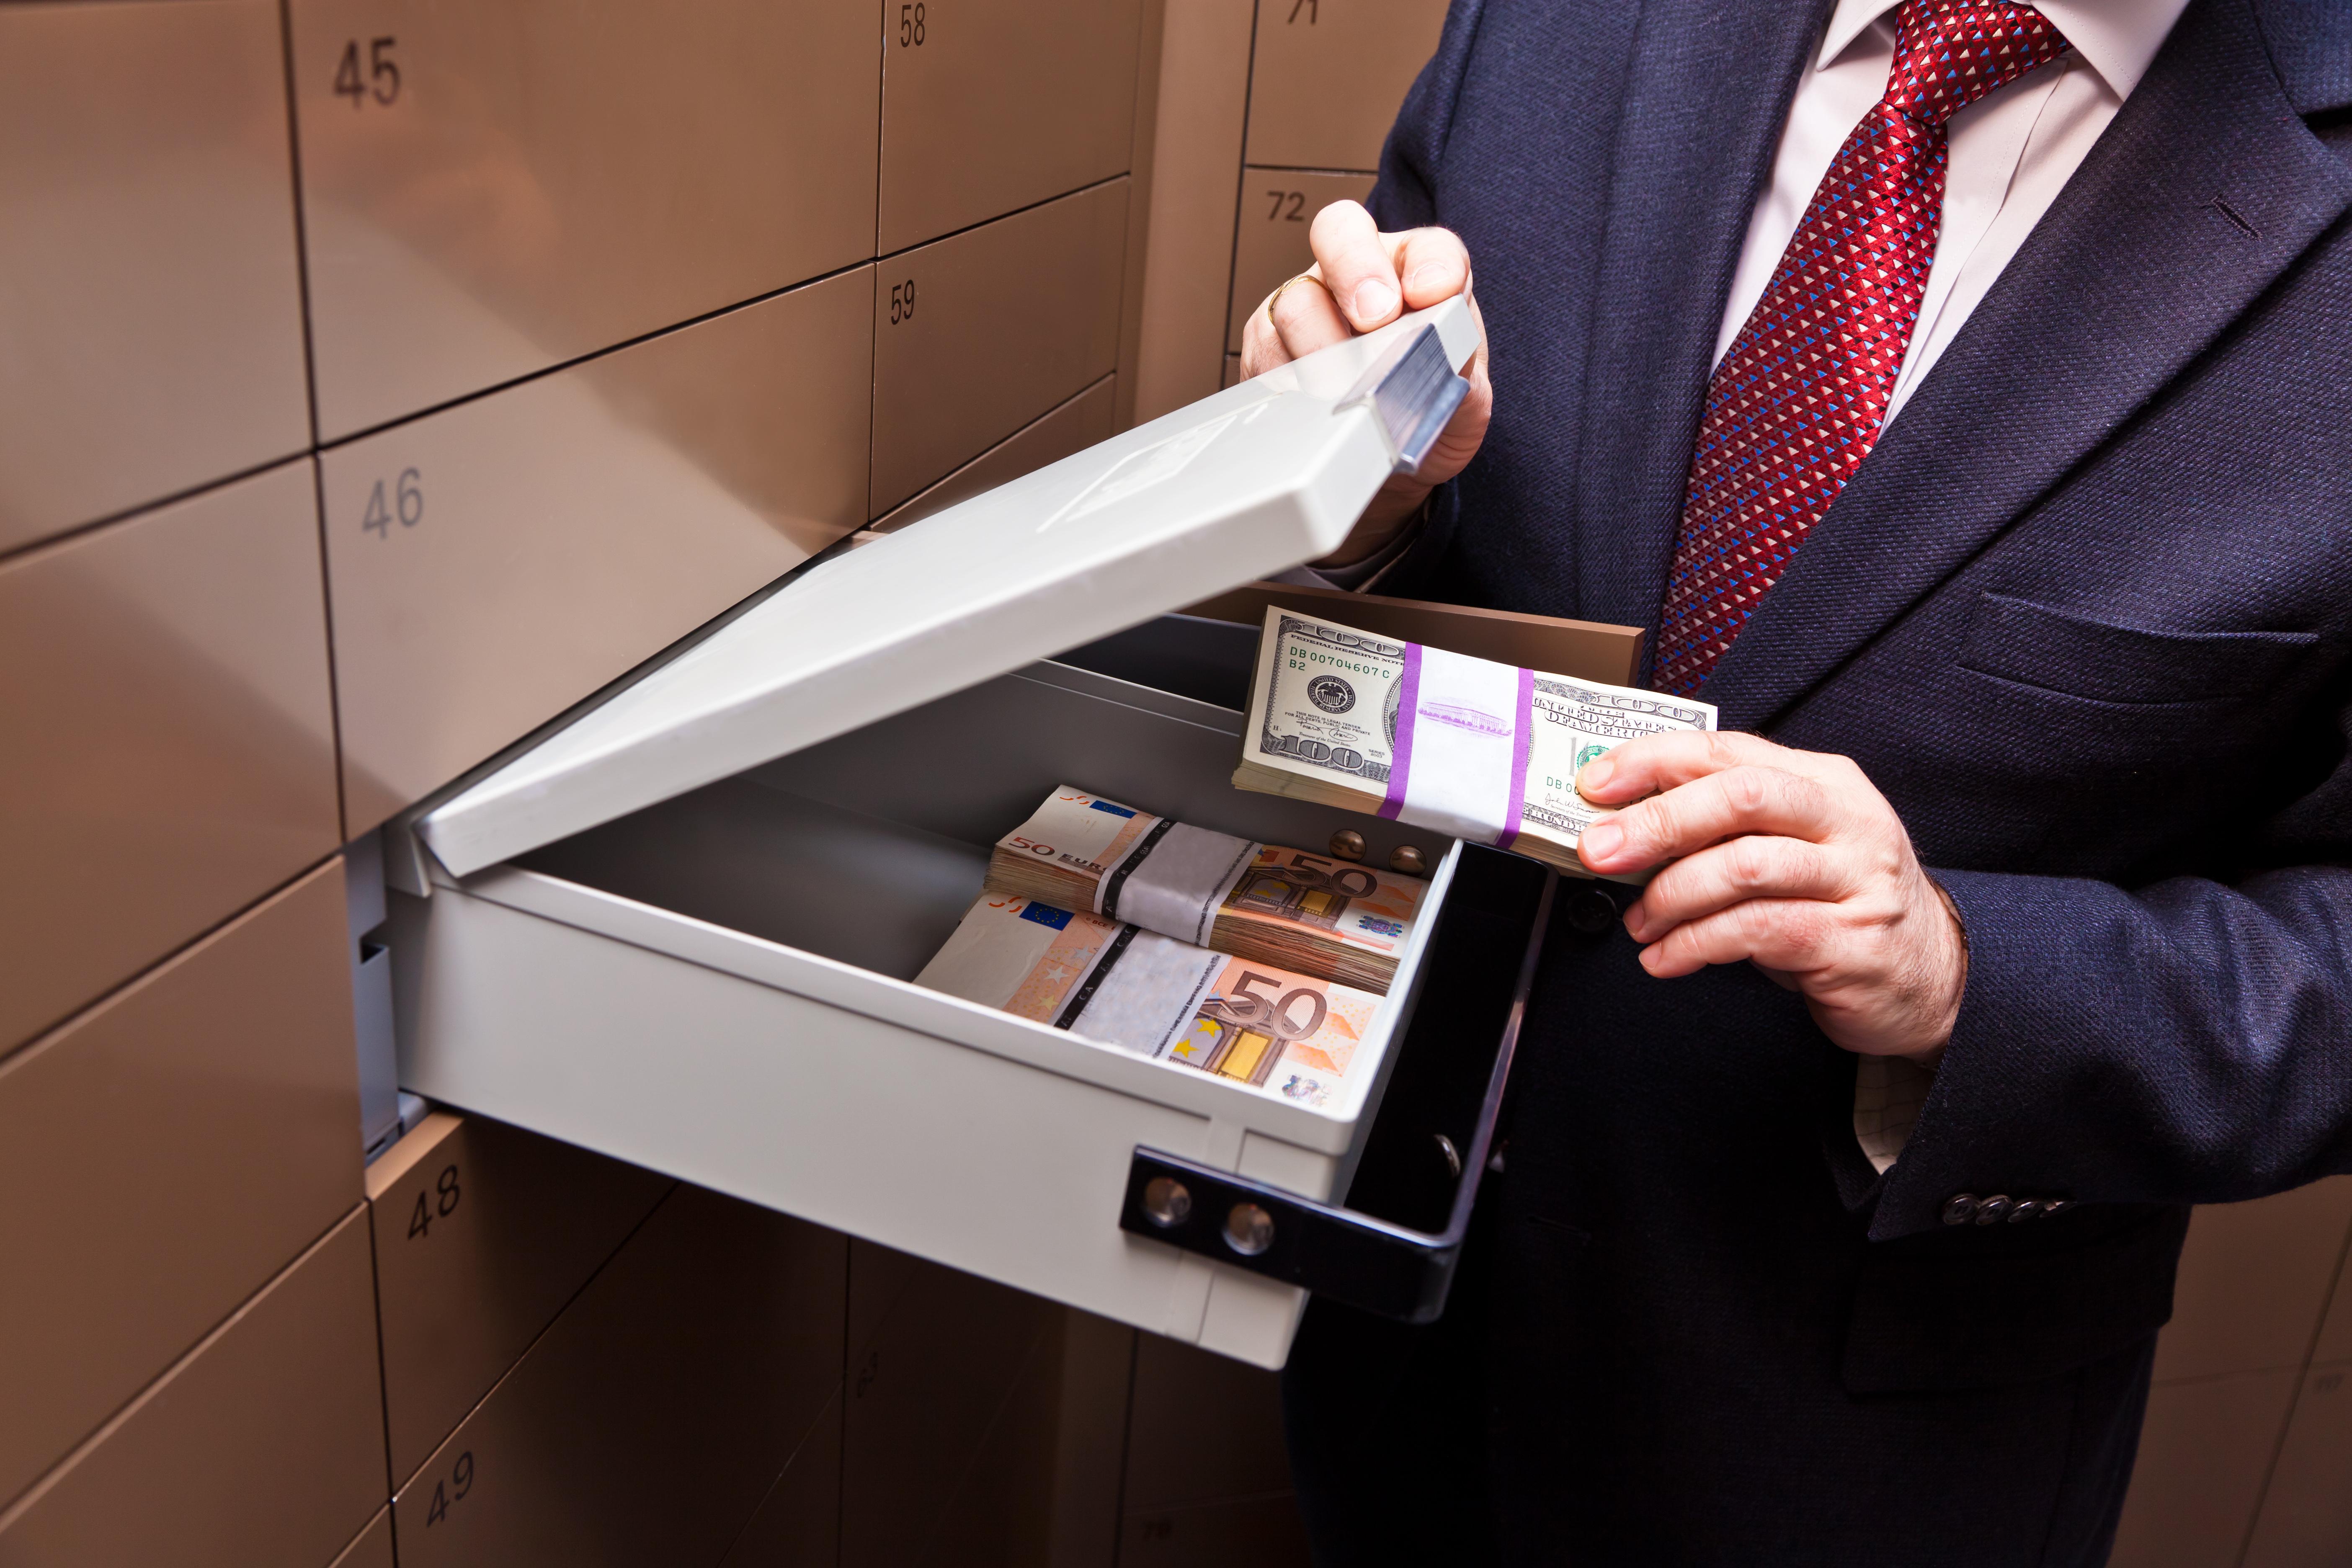 термобелья открыть накопительный счет в банк оф америка других